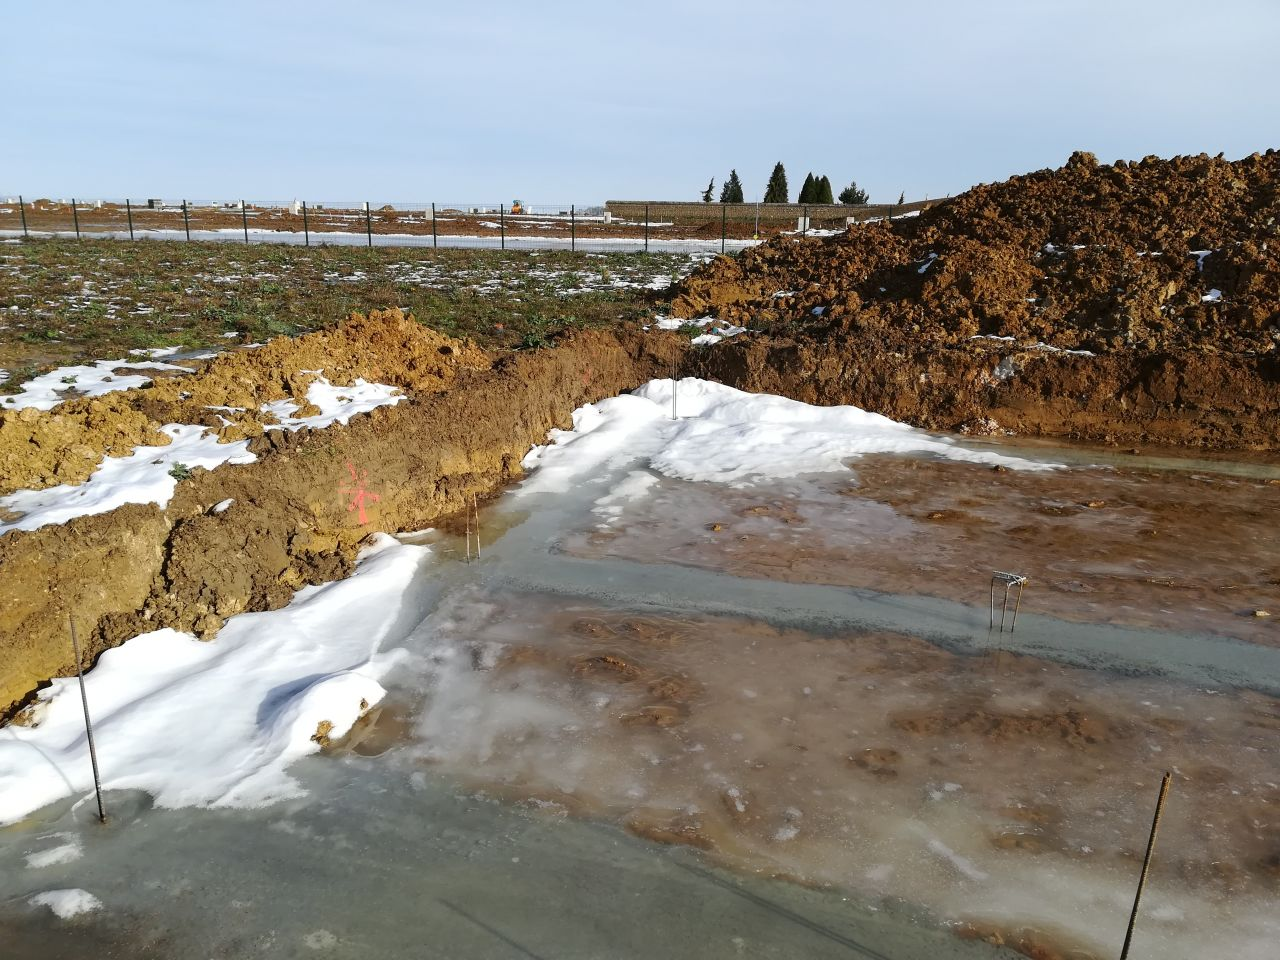 Neige de la semaine dernière en train de fondre sur les fondations